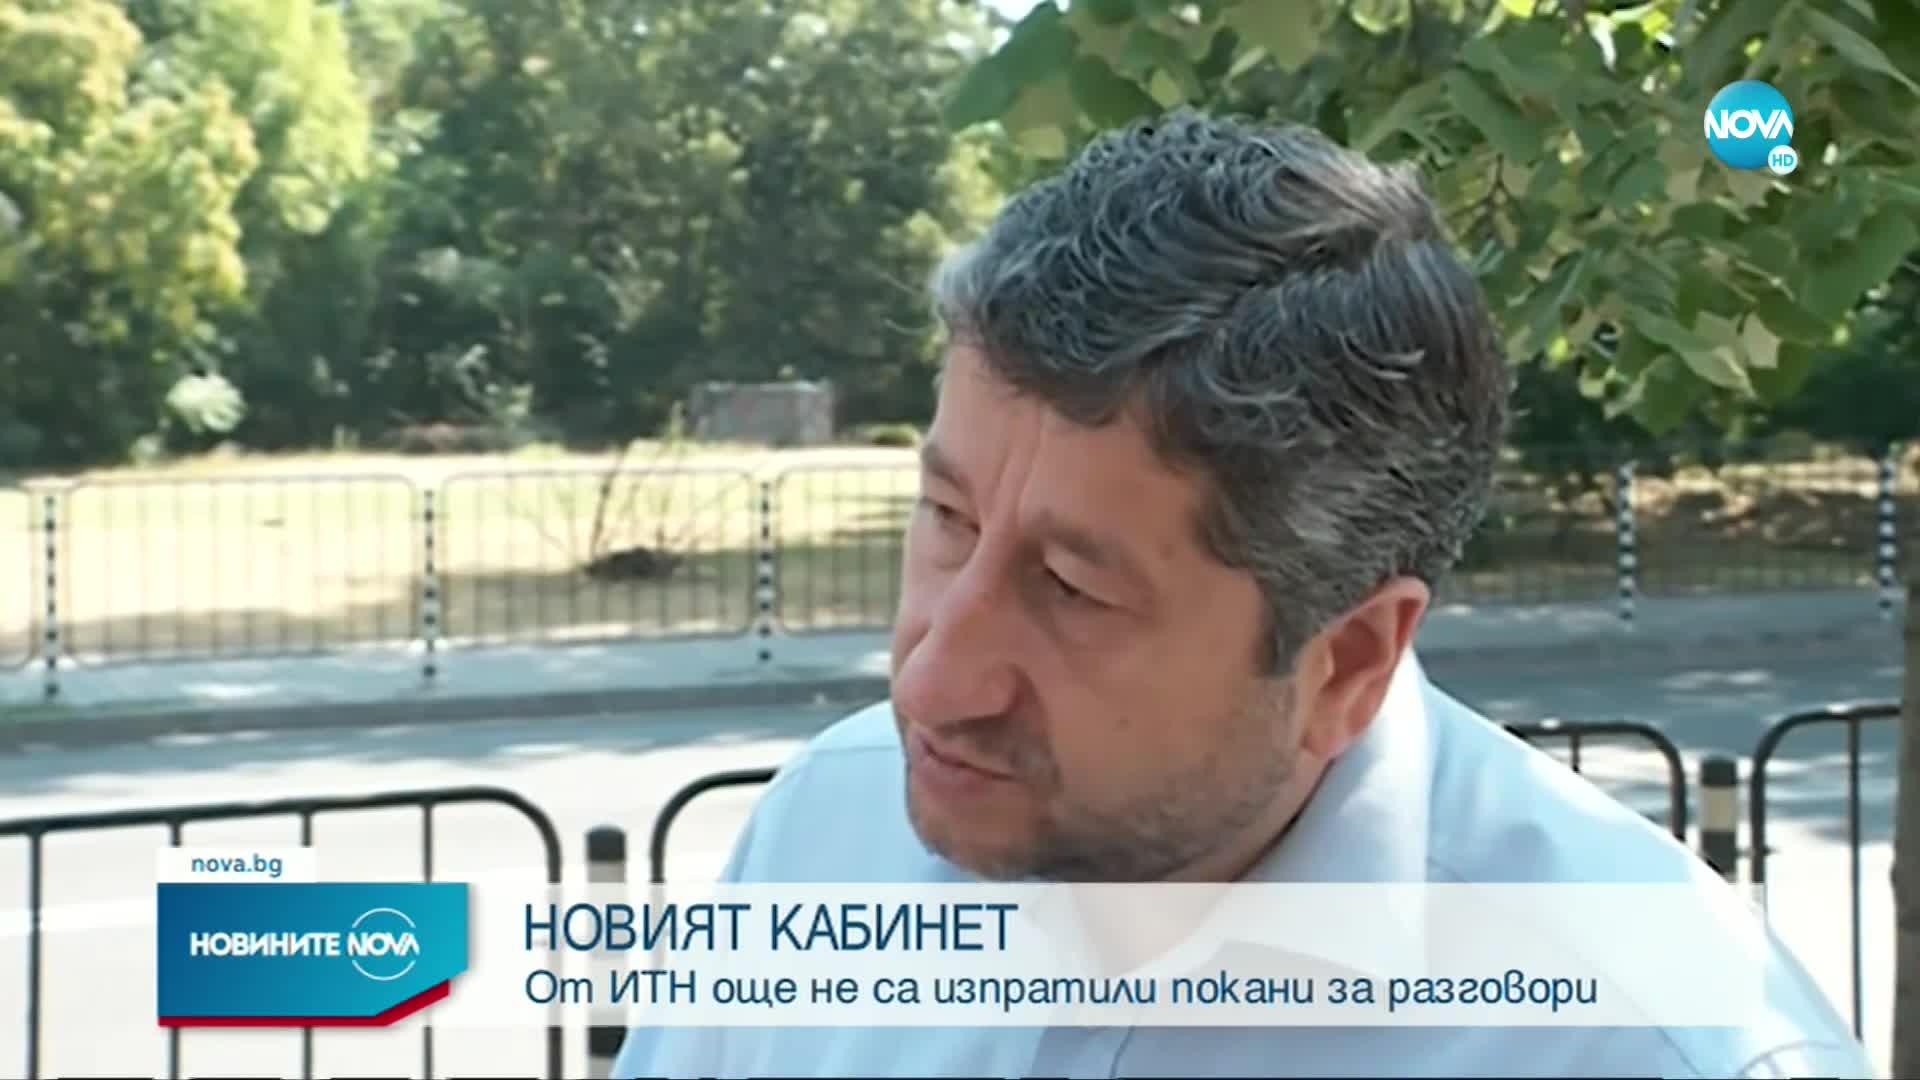 """От ИТН още не са изпратили покани за разговори на """"Демократична България"""""""